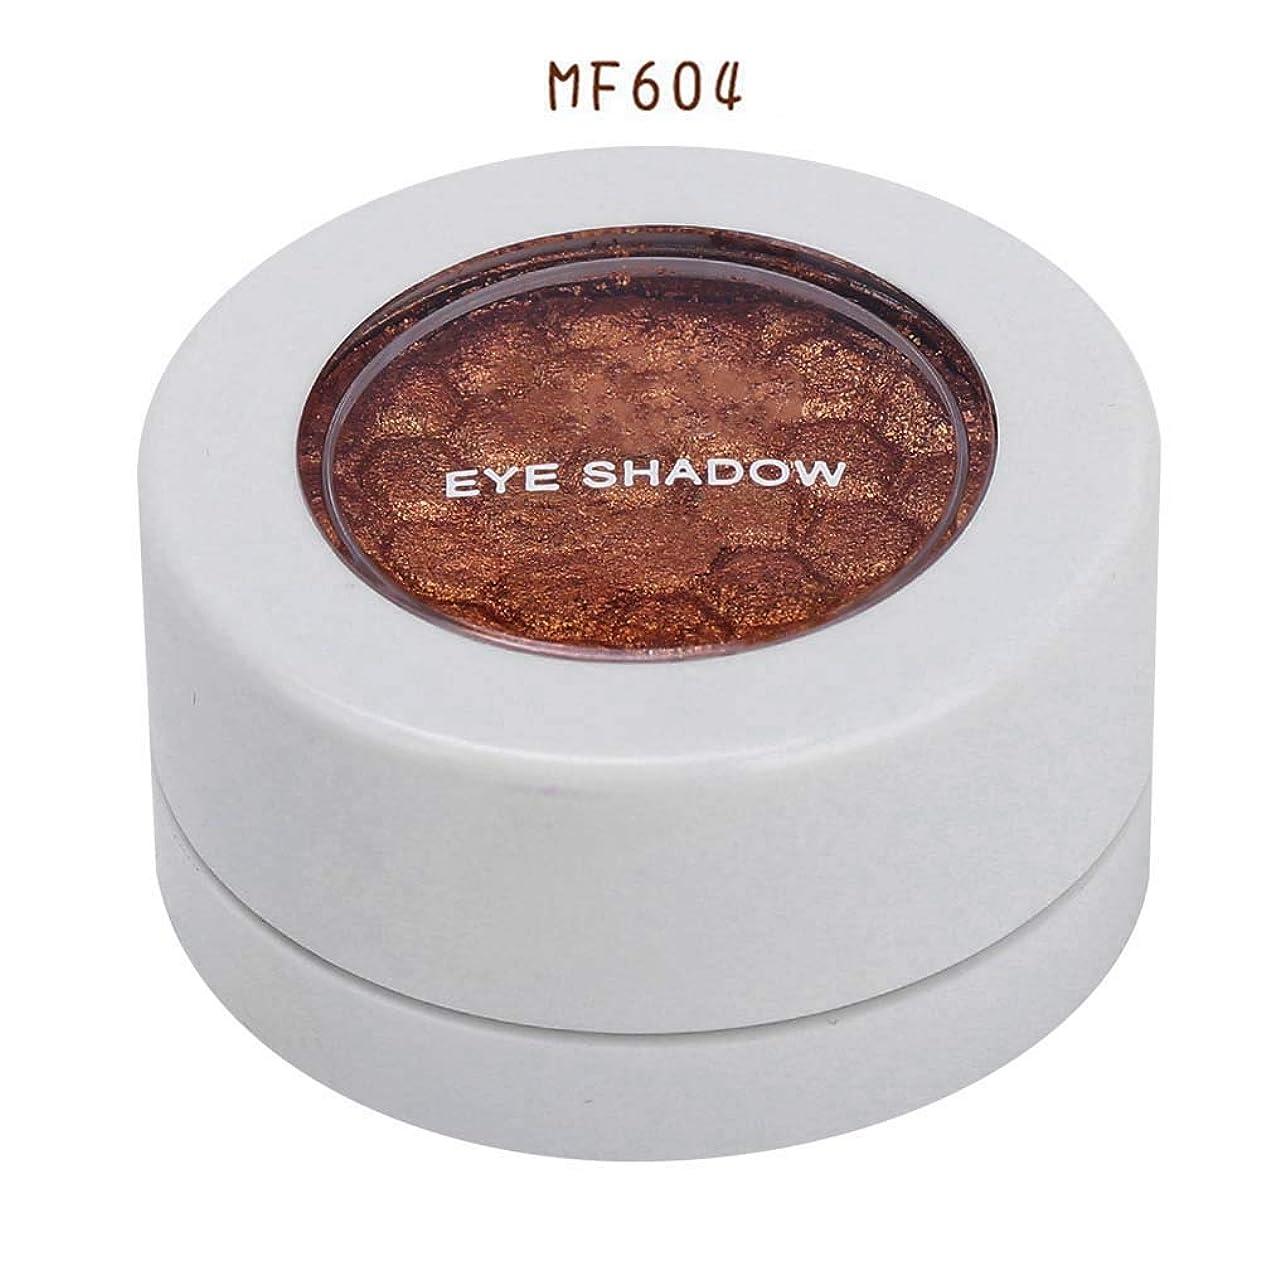 ナチュラル地元ますます4色 アイシャドウパレット アイシャドウパレット 化粧品ツール 化粧マットグロス アイシャドウパウダー (MF604)